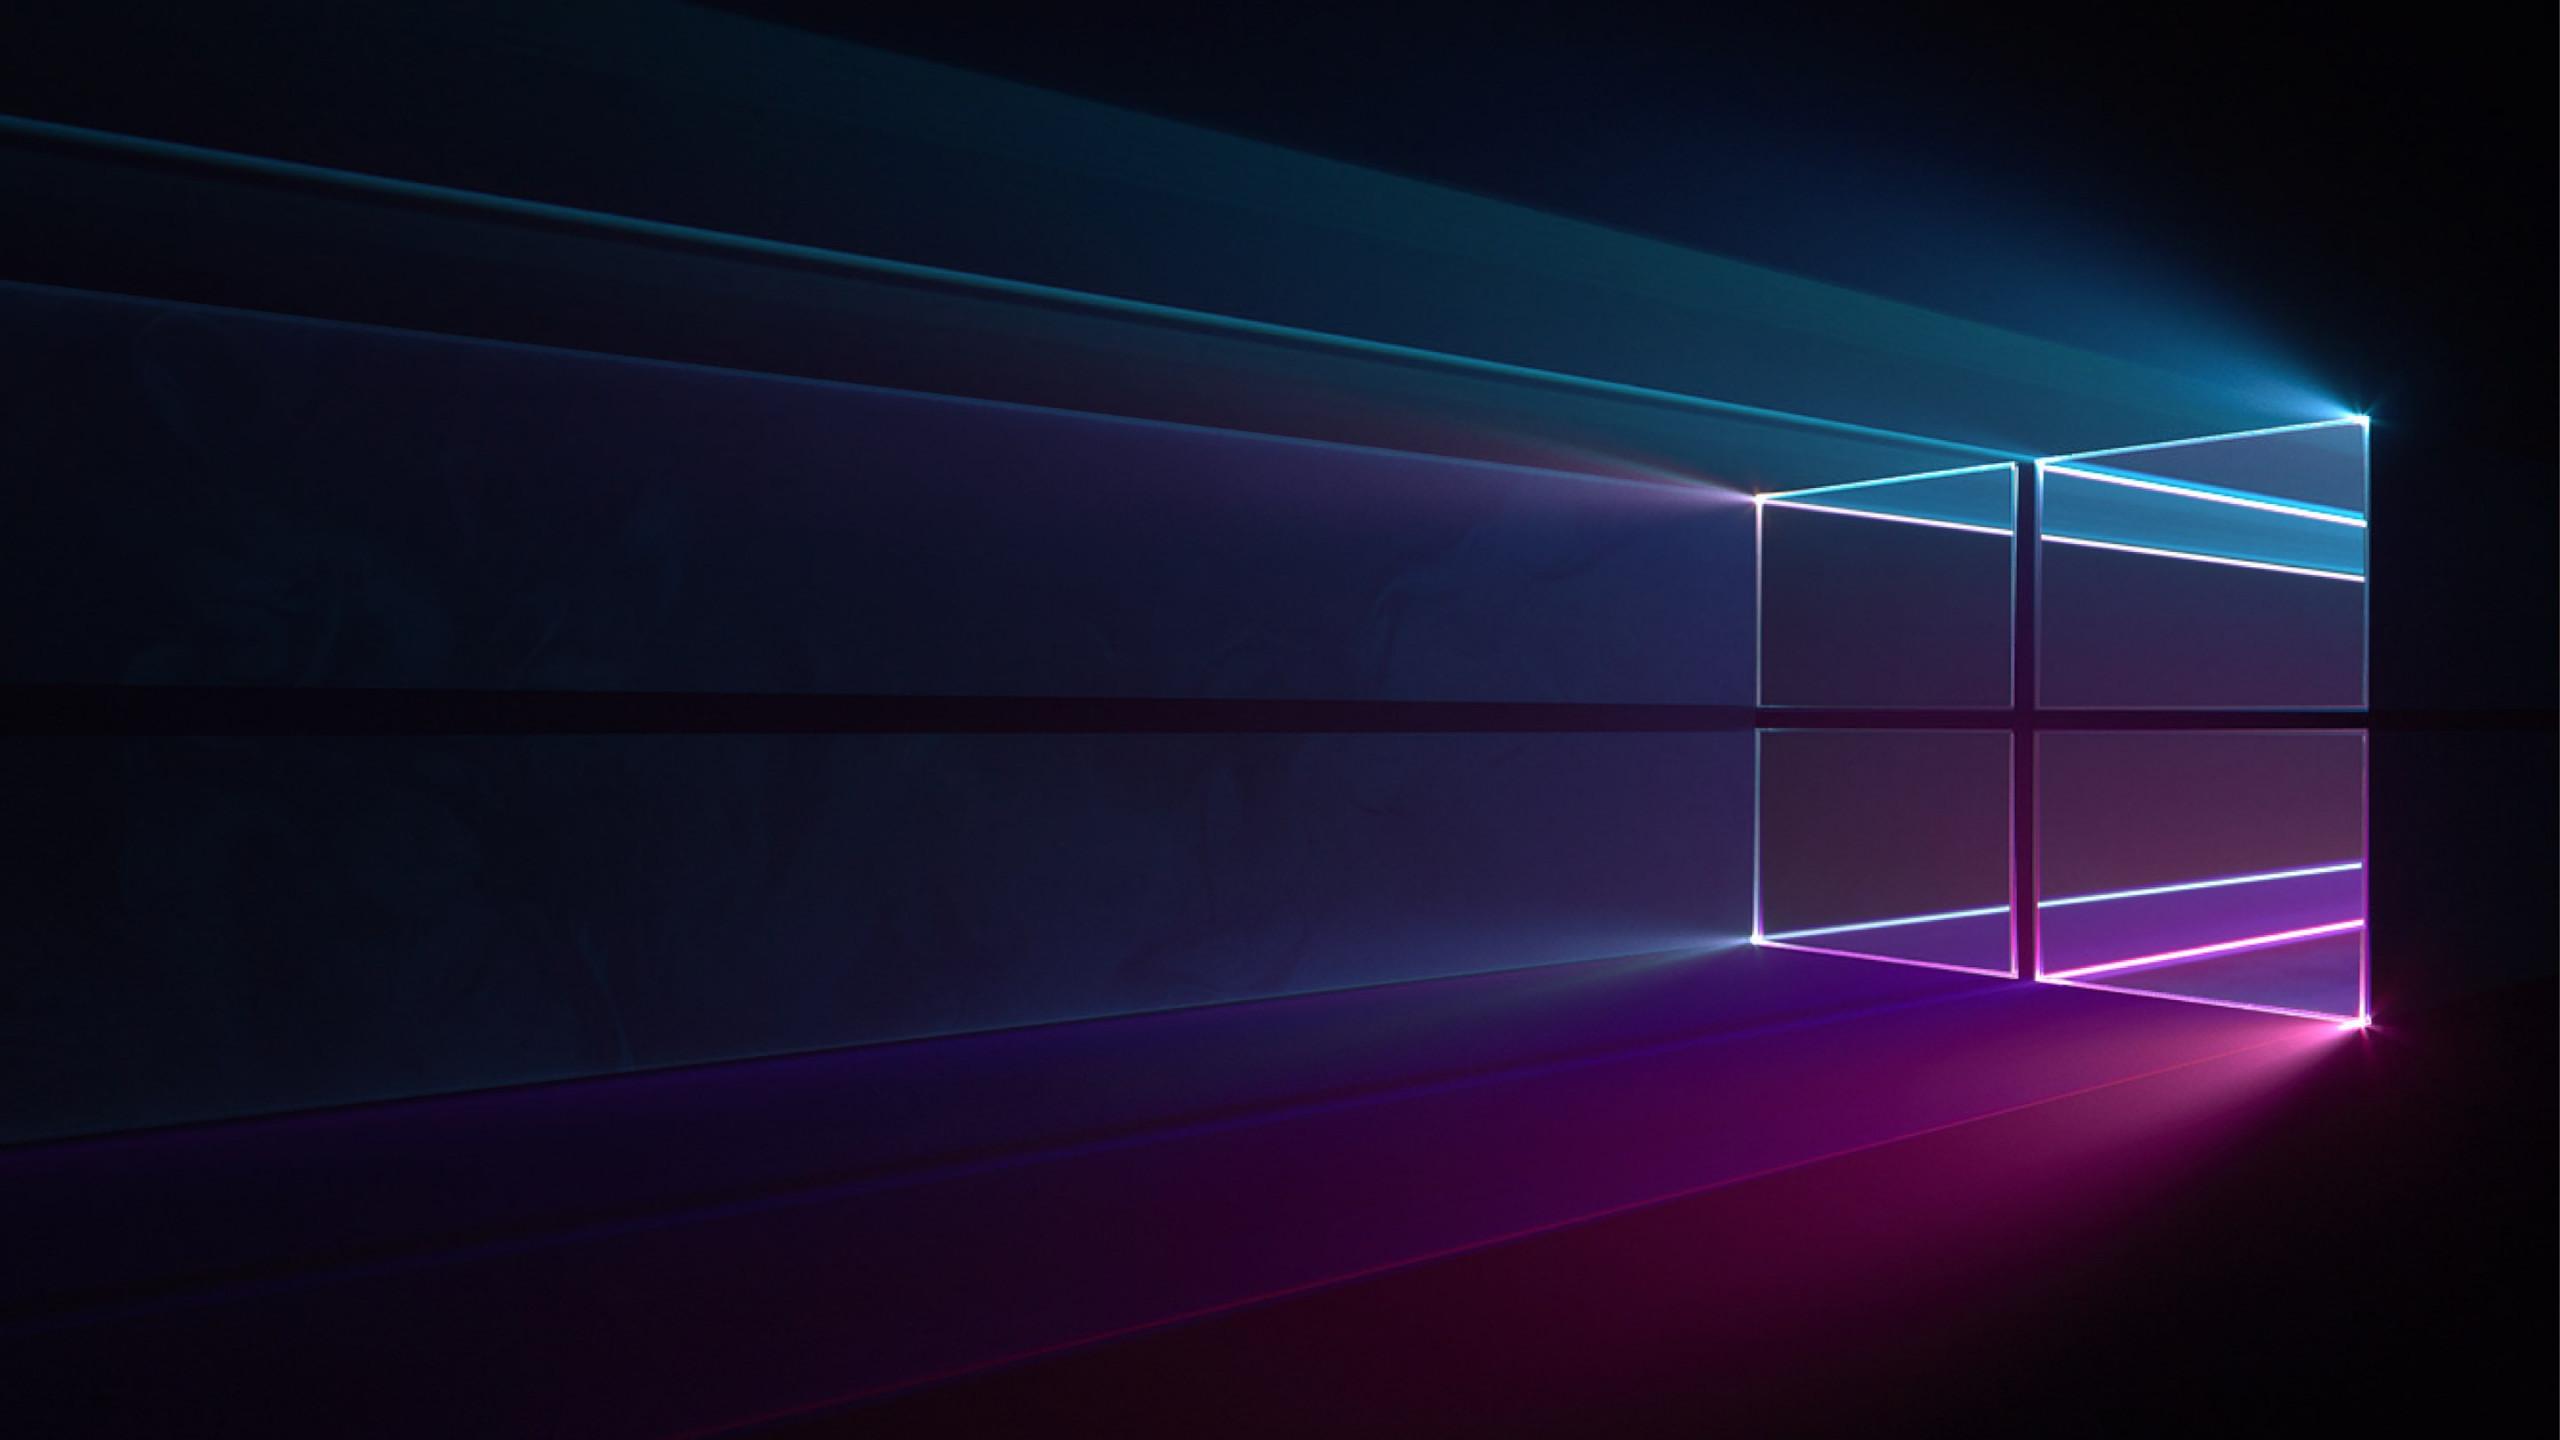 Download Wallpaper Windows 10 Hero 2560x1440